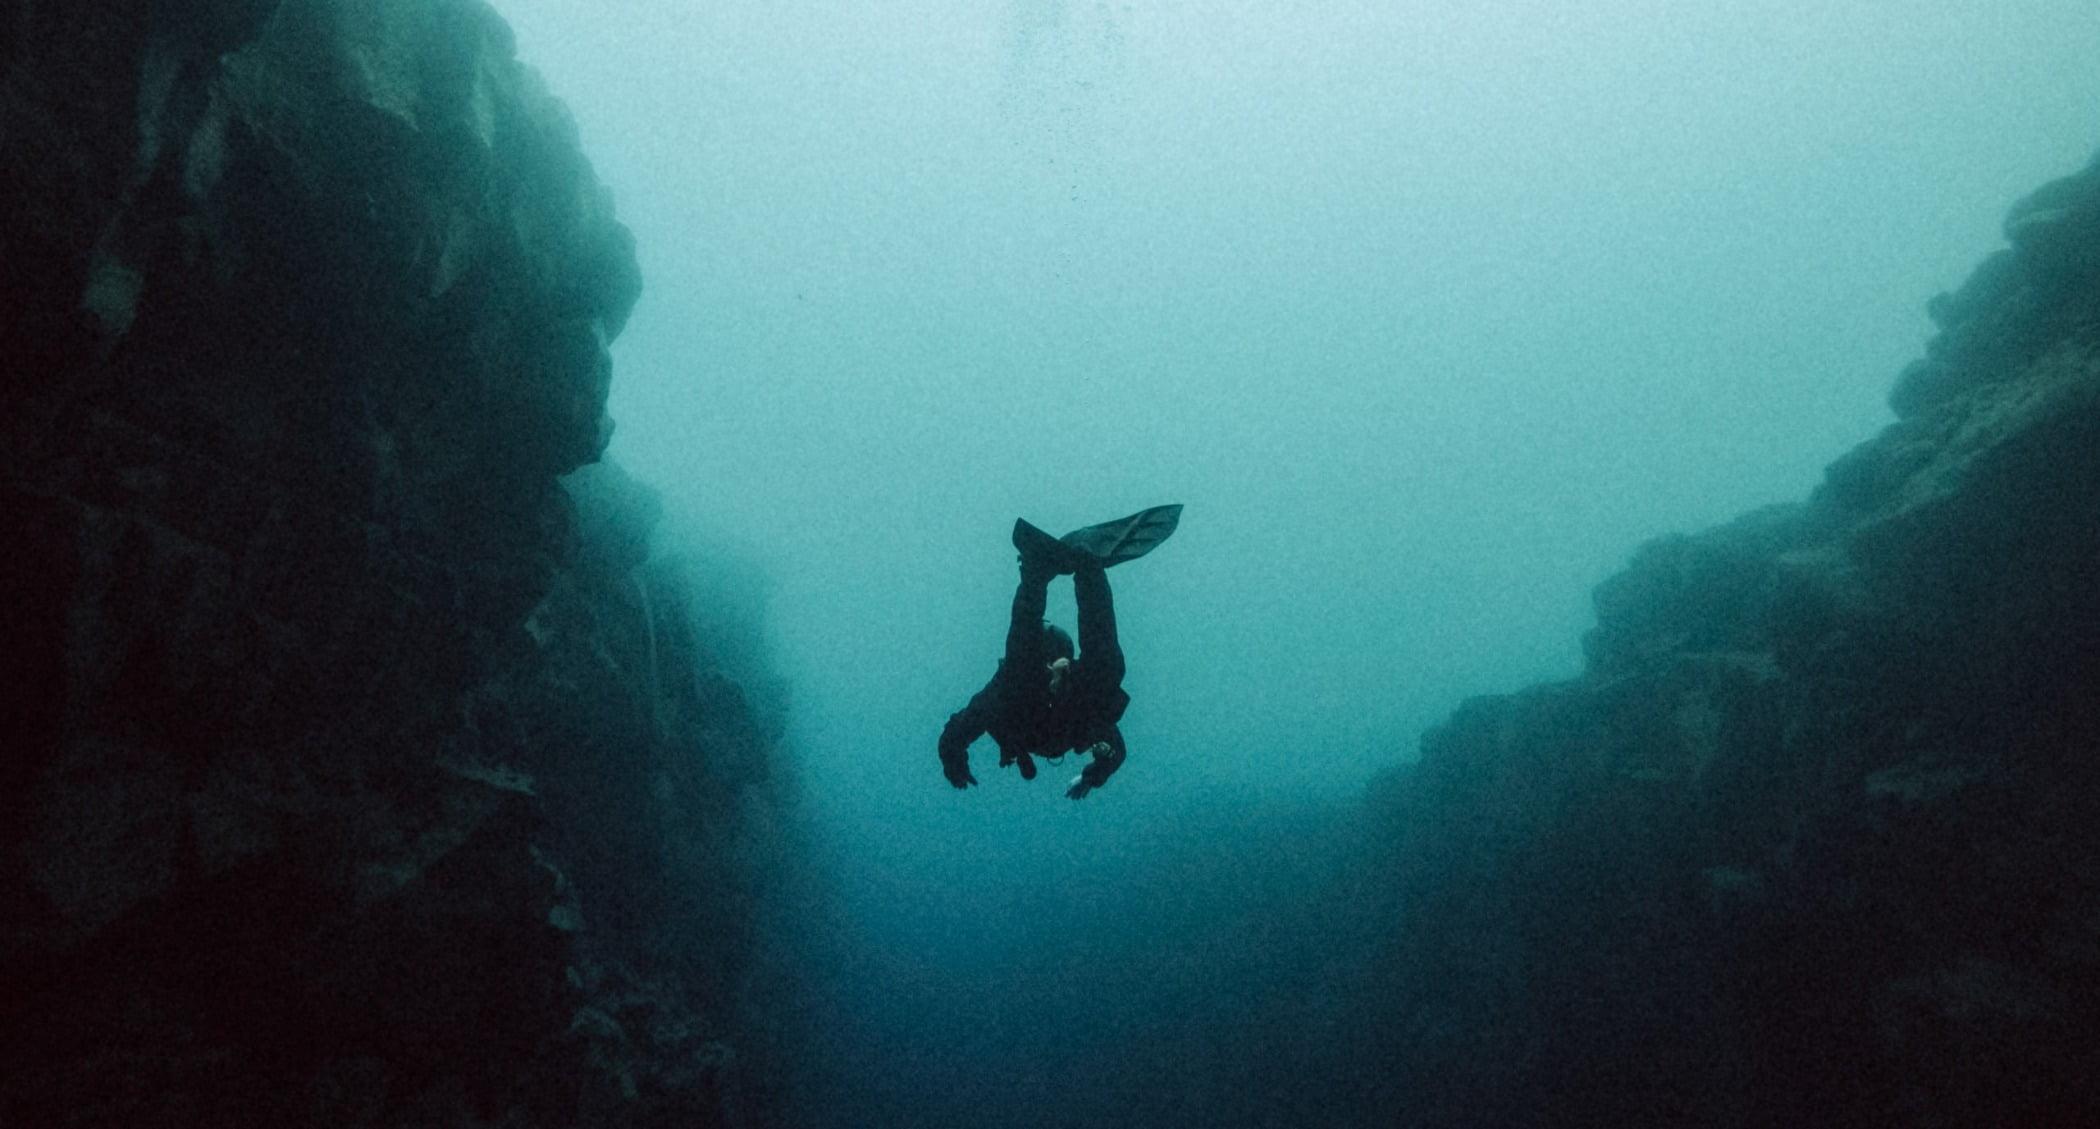 Scuba diving, Dry suit, Buoyancy compensator, Water, Divemaster, Underwater, Fluid, Organism